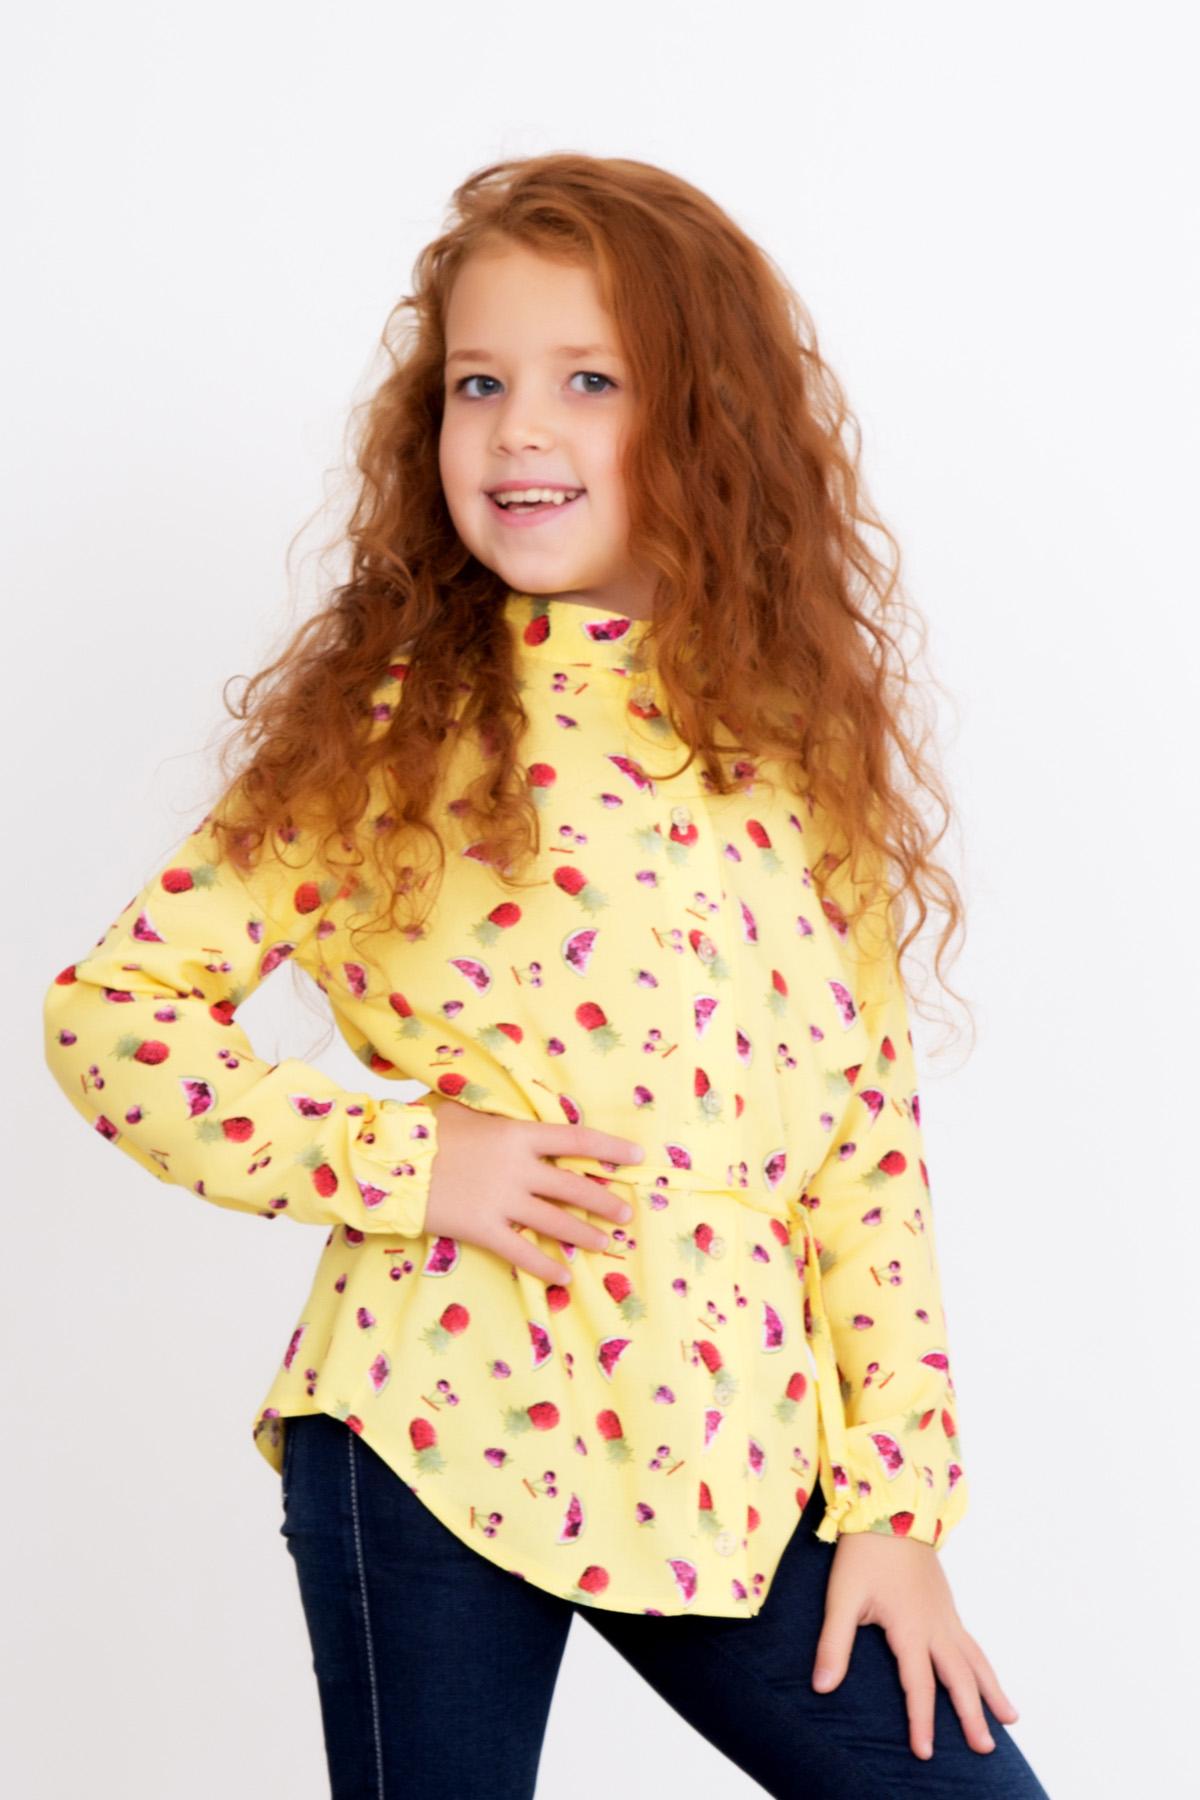 Дет. рубашка Леся р. 36Распродажа товаров<br><br><br>Тип: Дет. рубашка<br>Размер: 36<br>Материал: Штапель